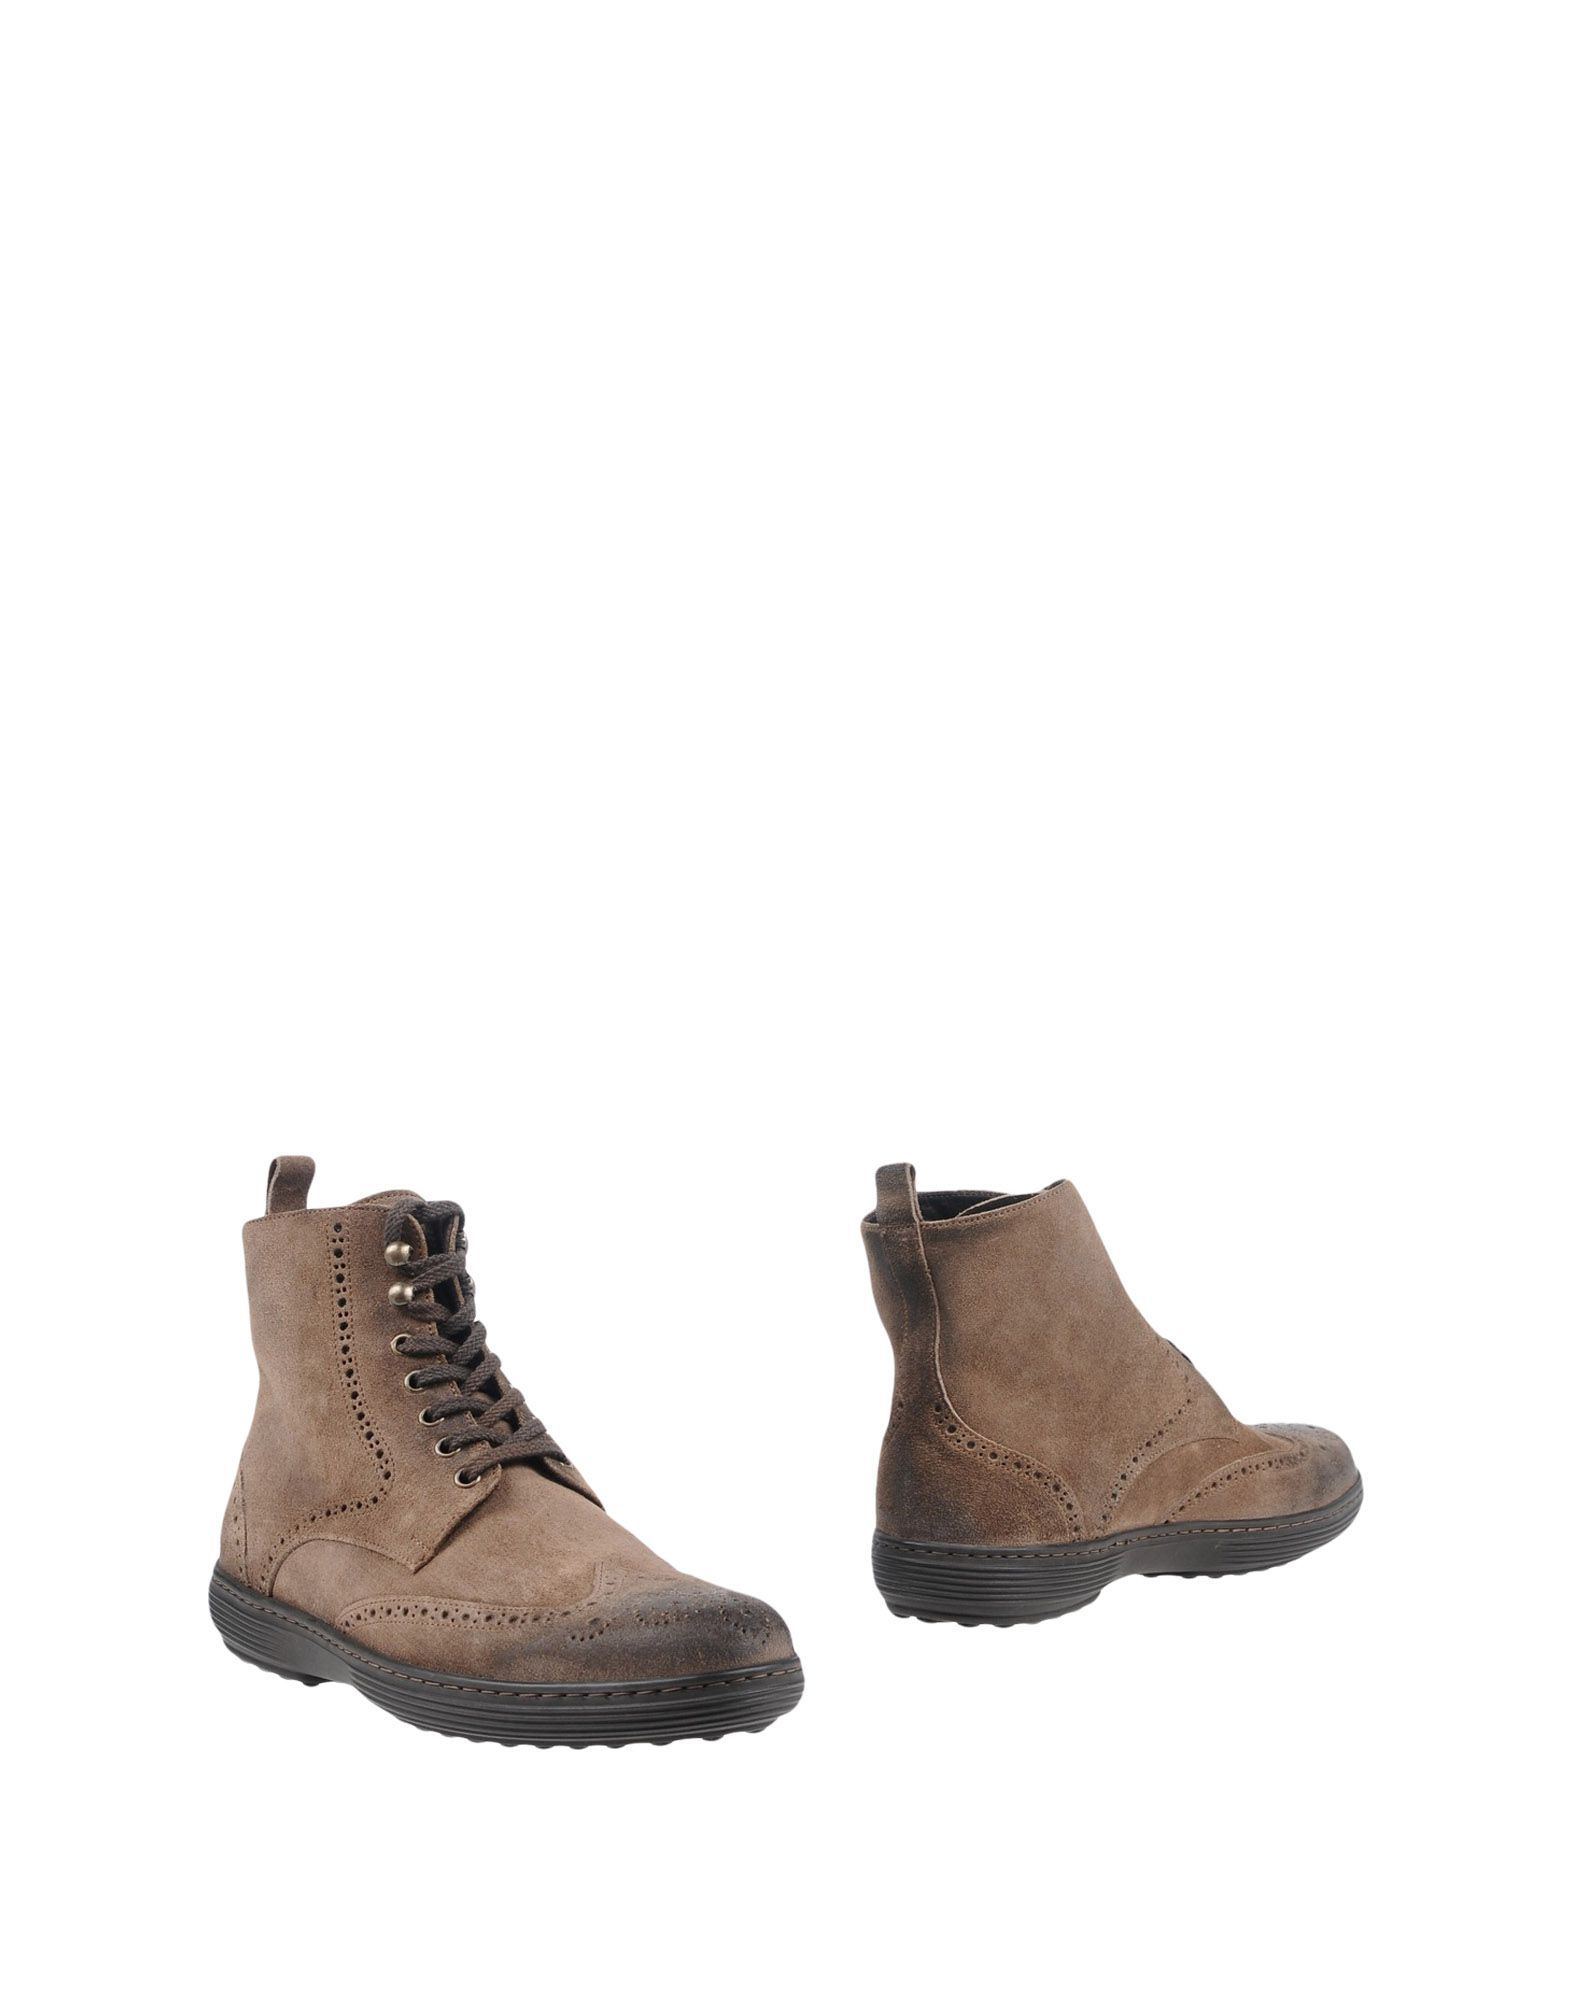 FOOTWEAR Calpierre Khaki Man Leather